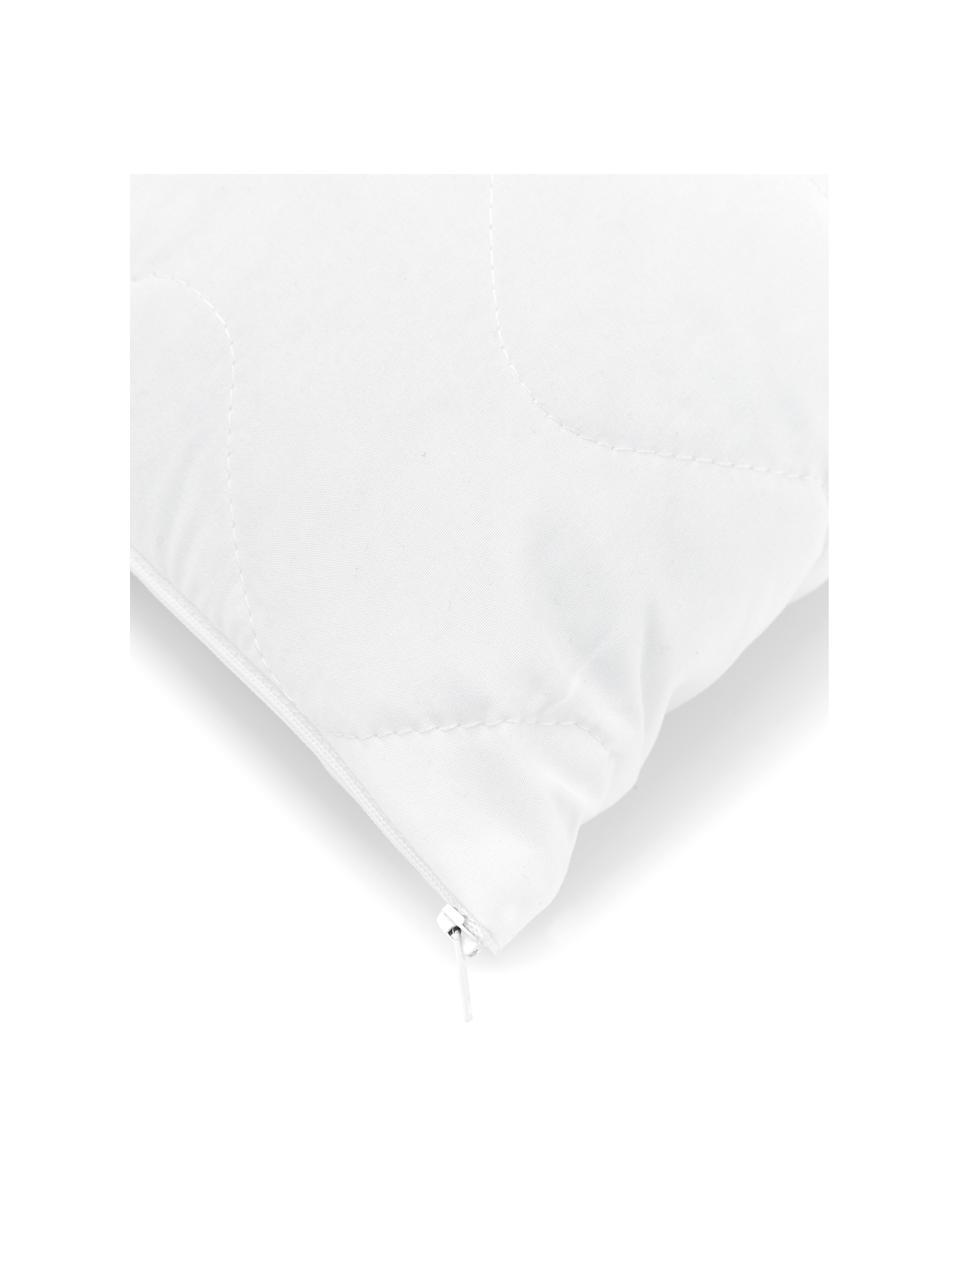 Wkład do poduszki Premium Sia, 40x60, Biały, S 40 x D 60 cm